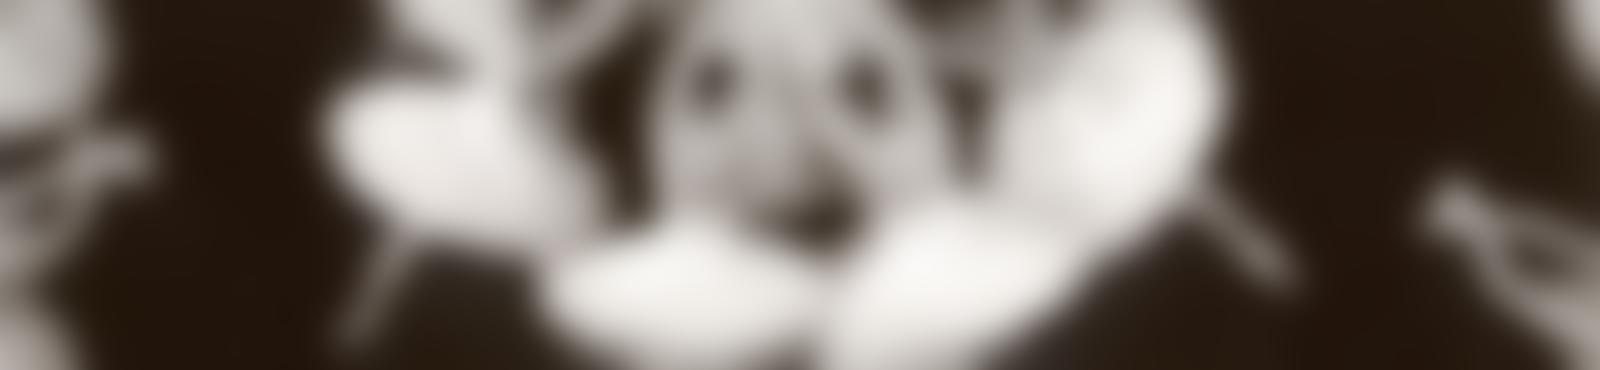 Blurred f2f75295 0b23 4a36 b1ab 3f3fb902df14